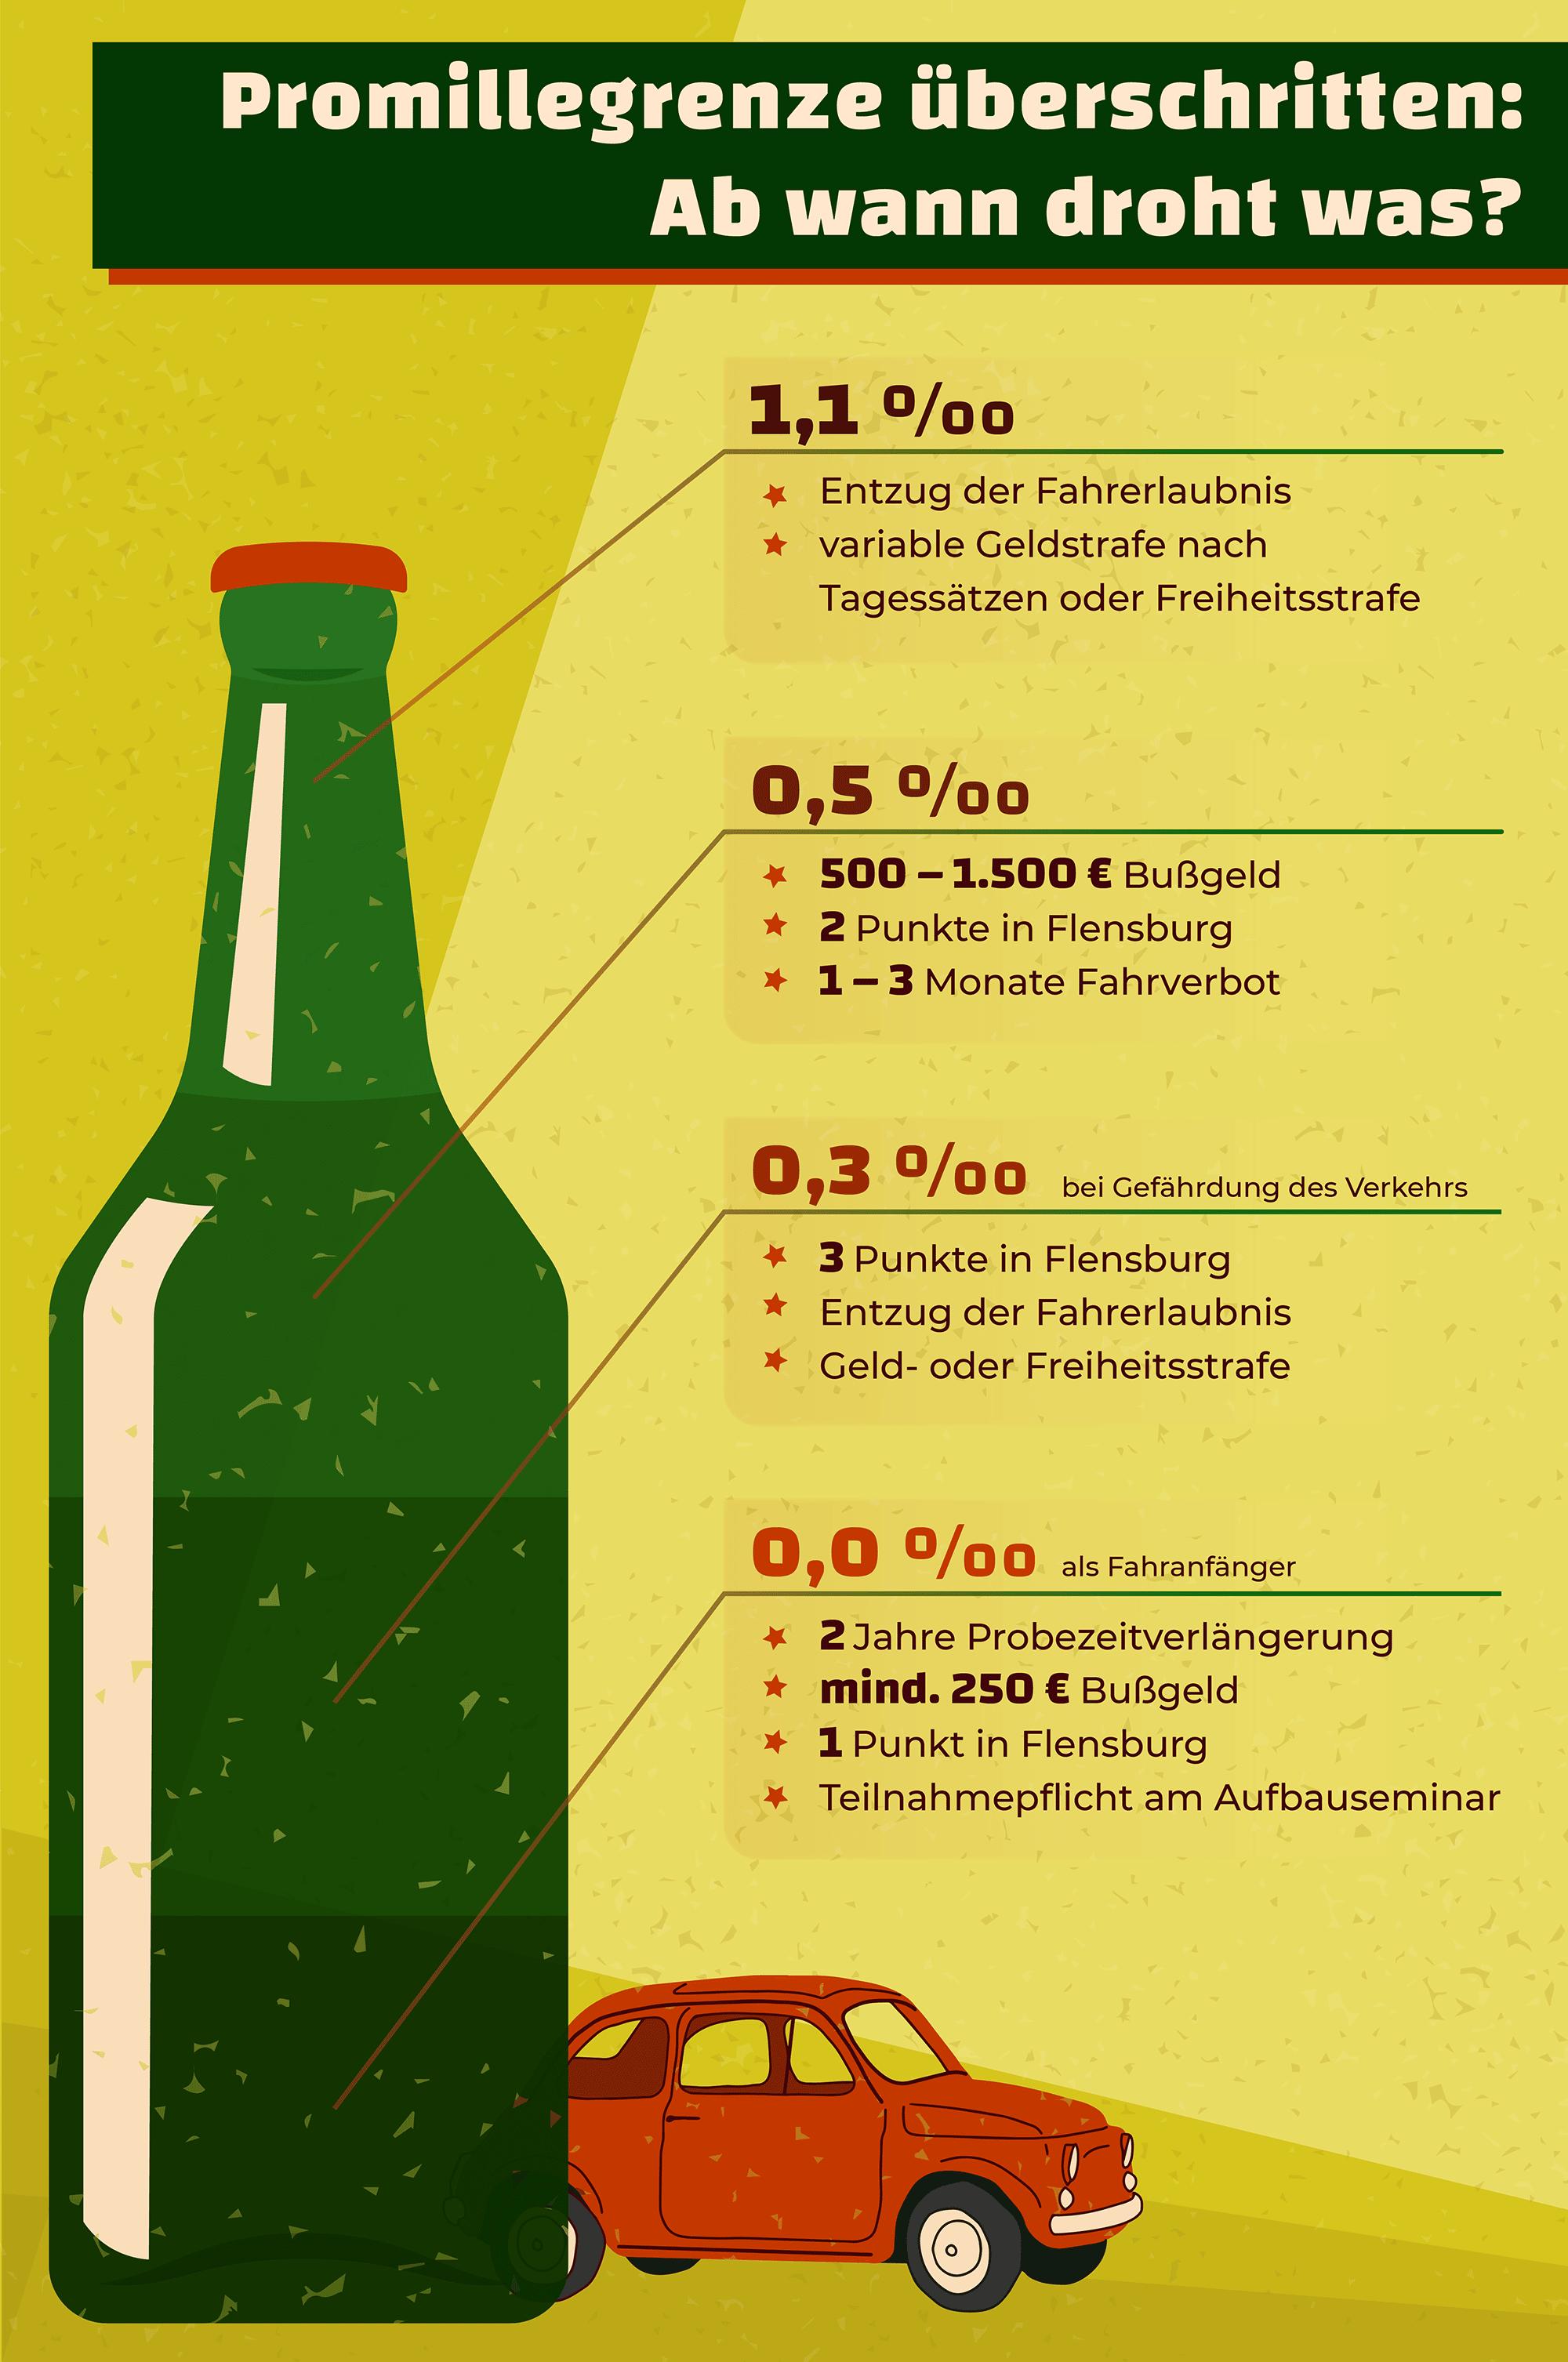 Promillegrenzen in Deutschland im Überblick.